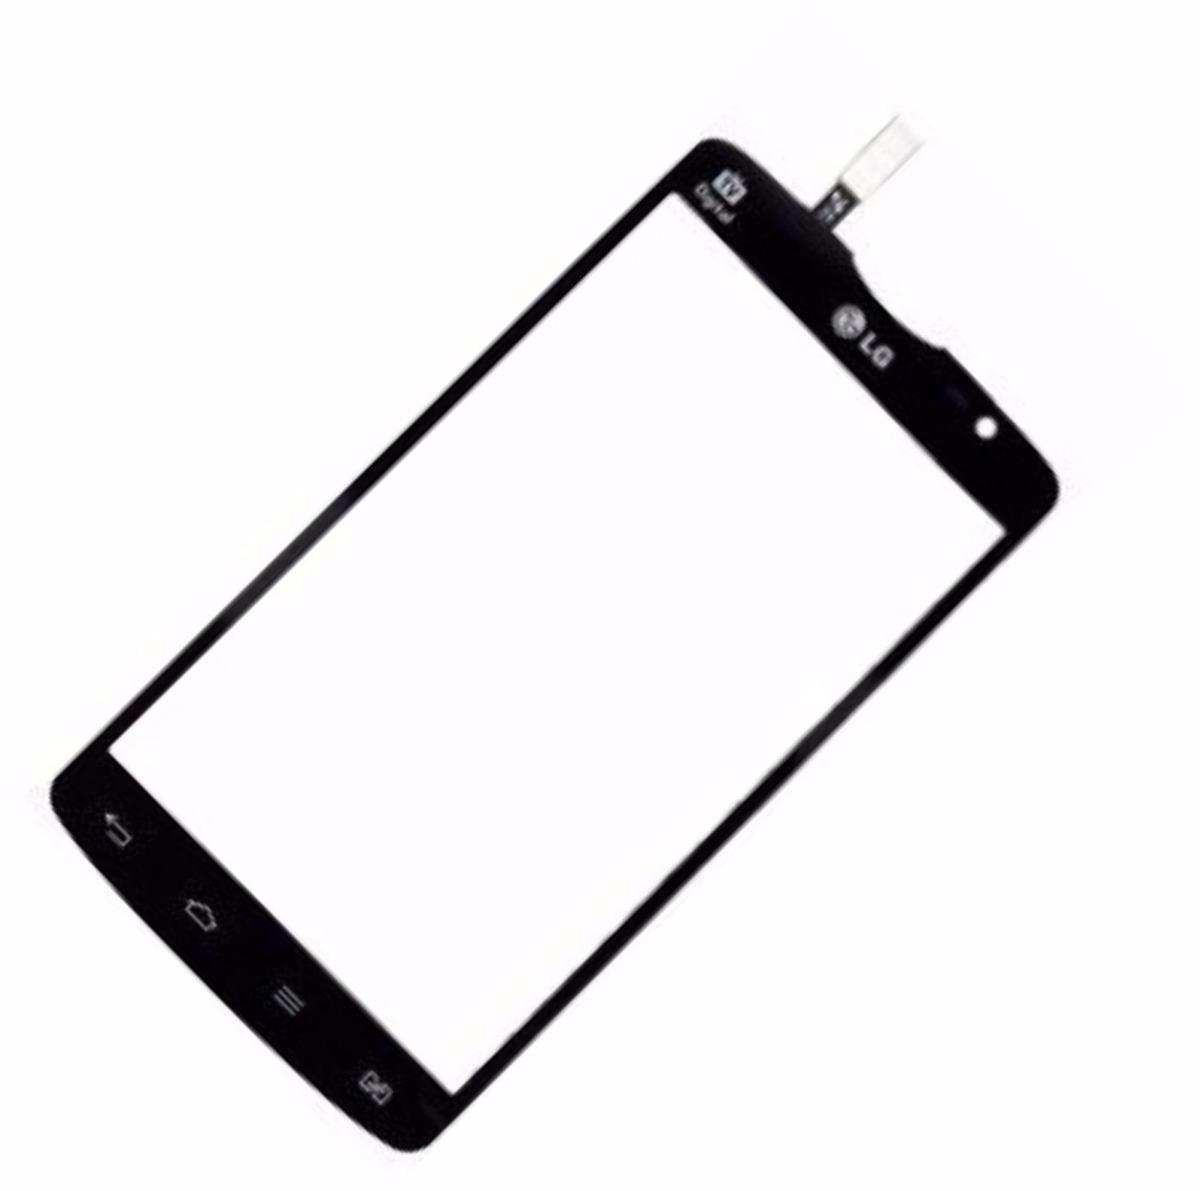 Tela Touch Lg L80 D380 D385 Dual 5.0 Original Preto Vidro